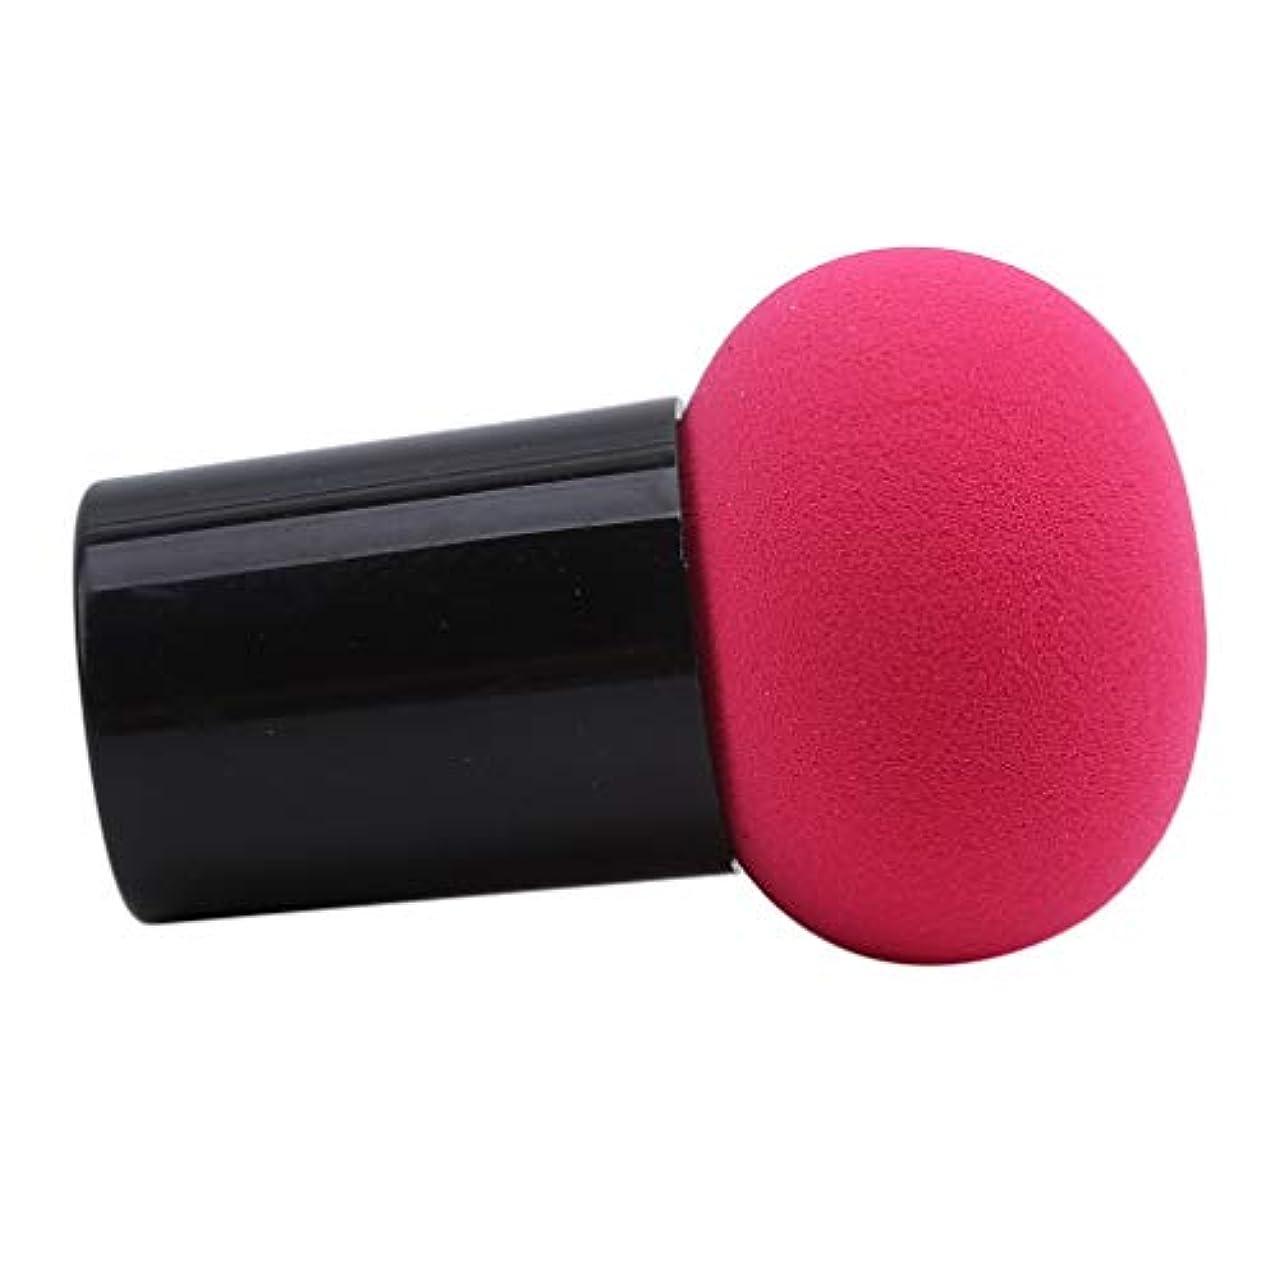 十分従来の全くHKUN スポンジパフ 化粧パフ ケース付き きのこ形 使いやすい マッシュルーム型 メイク用 乾湿両用 美容ツール オシャレ ローズレッド